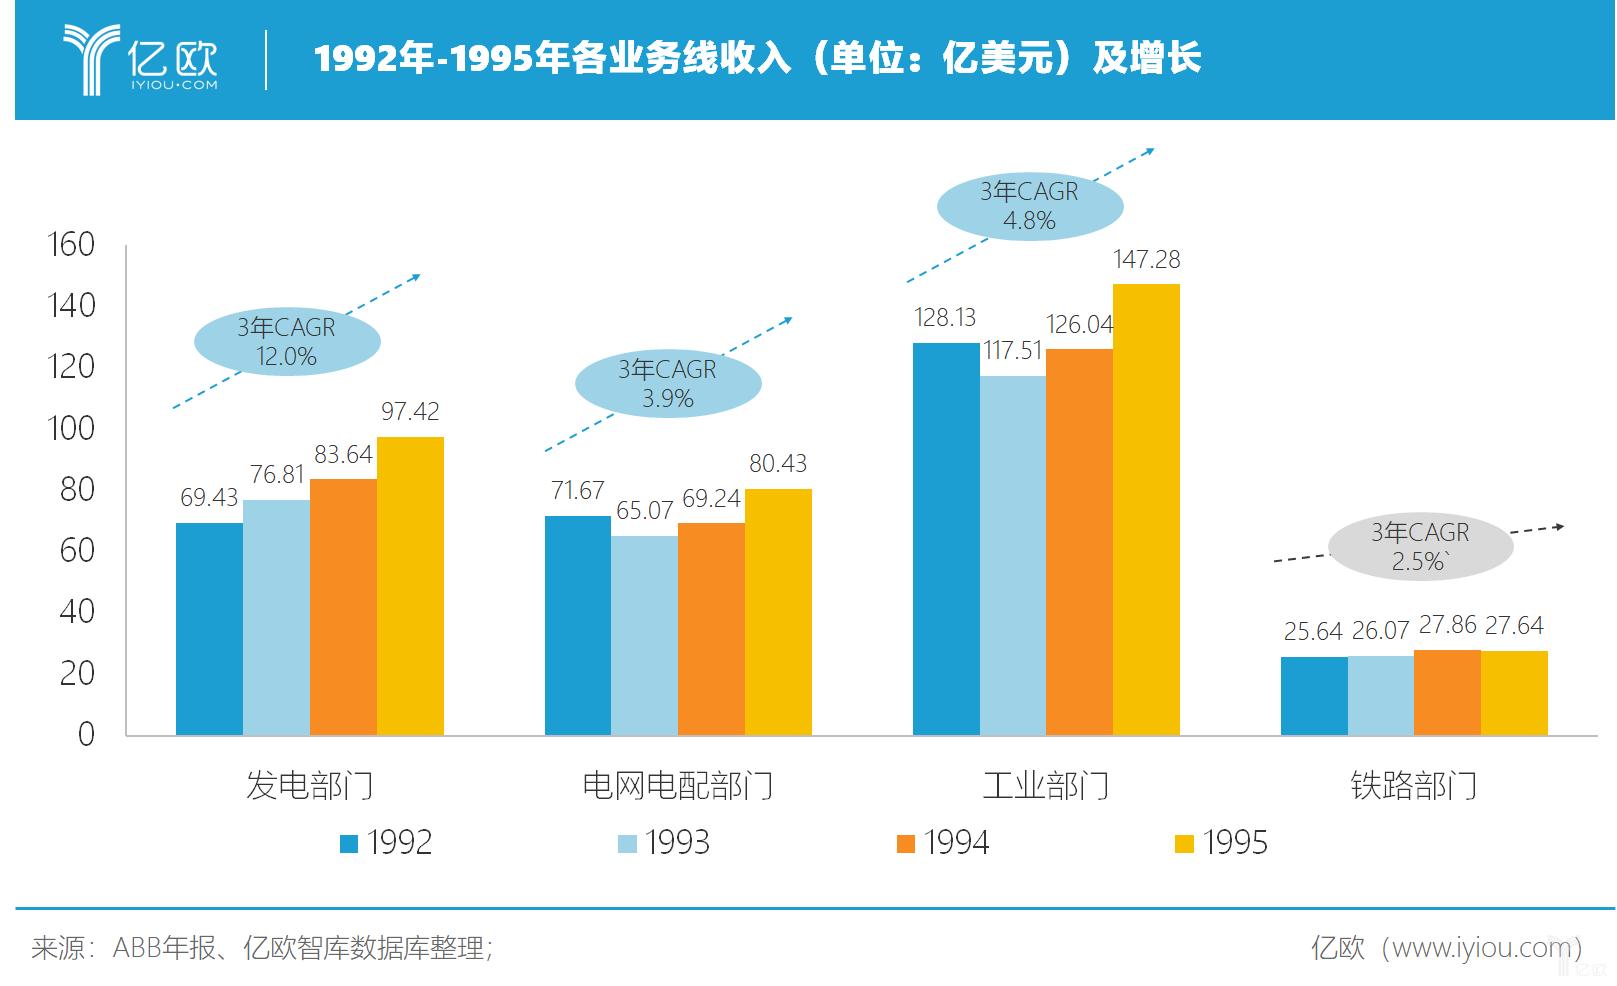 亿欧智库:1992-1995年各业务线收入及增长